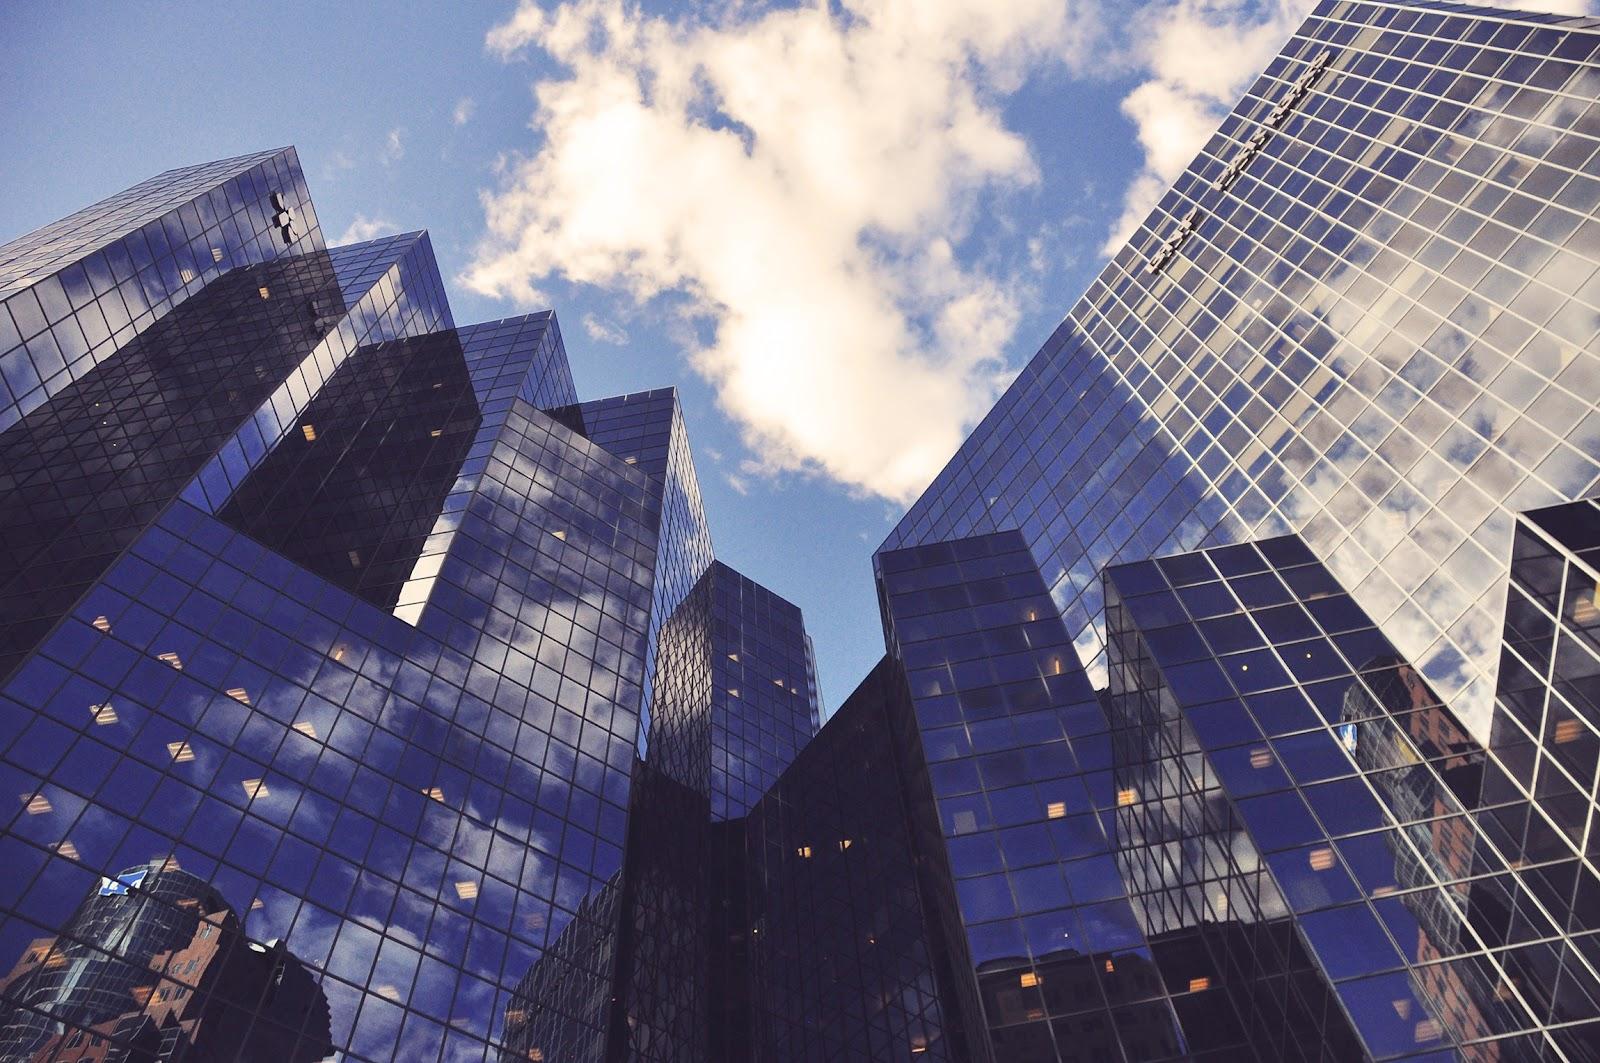 Como avaliar oportunidades de investimento imobiliário usando dados?